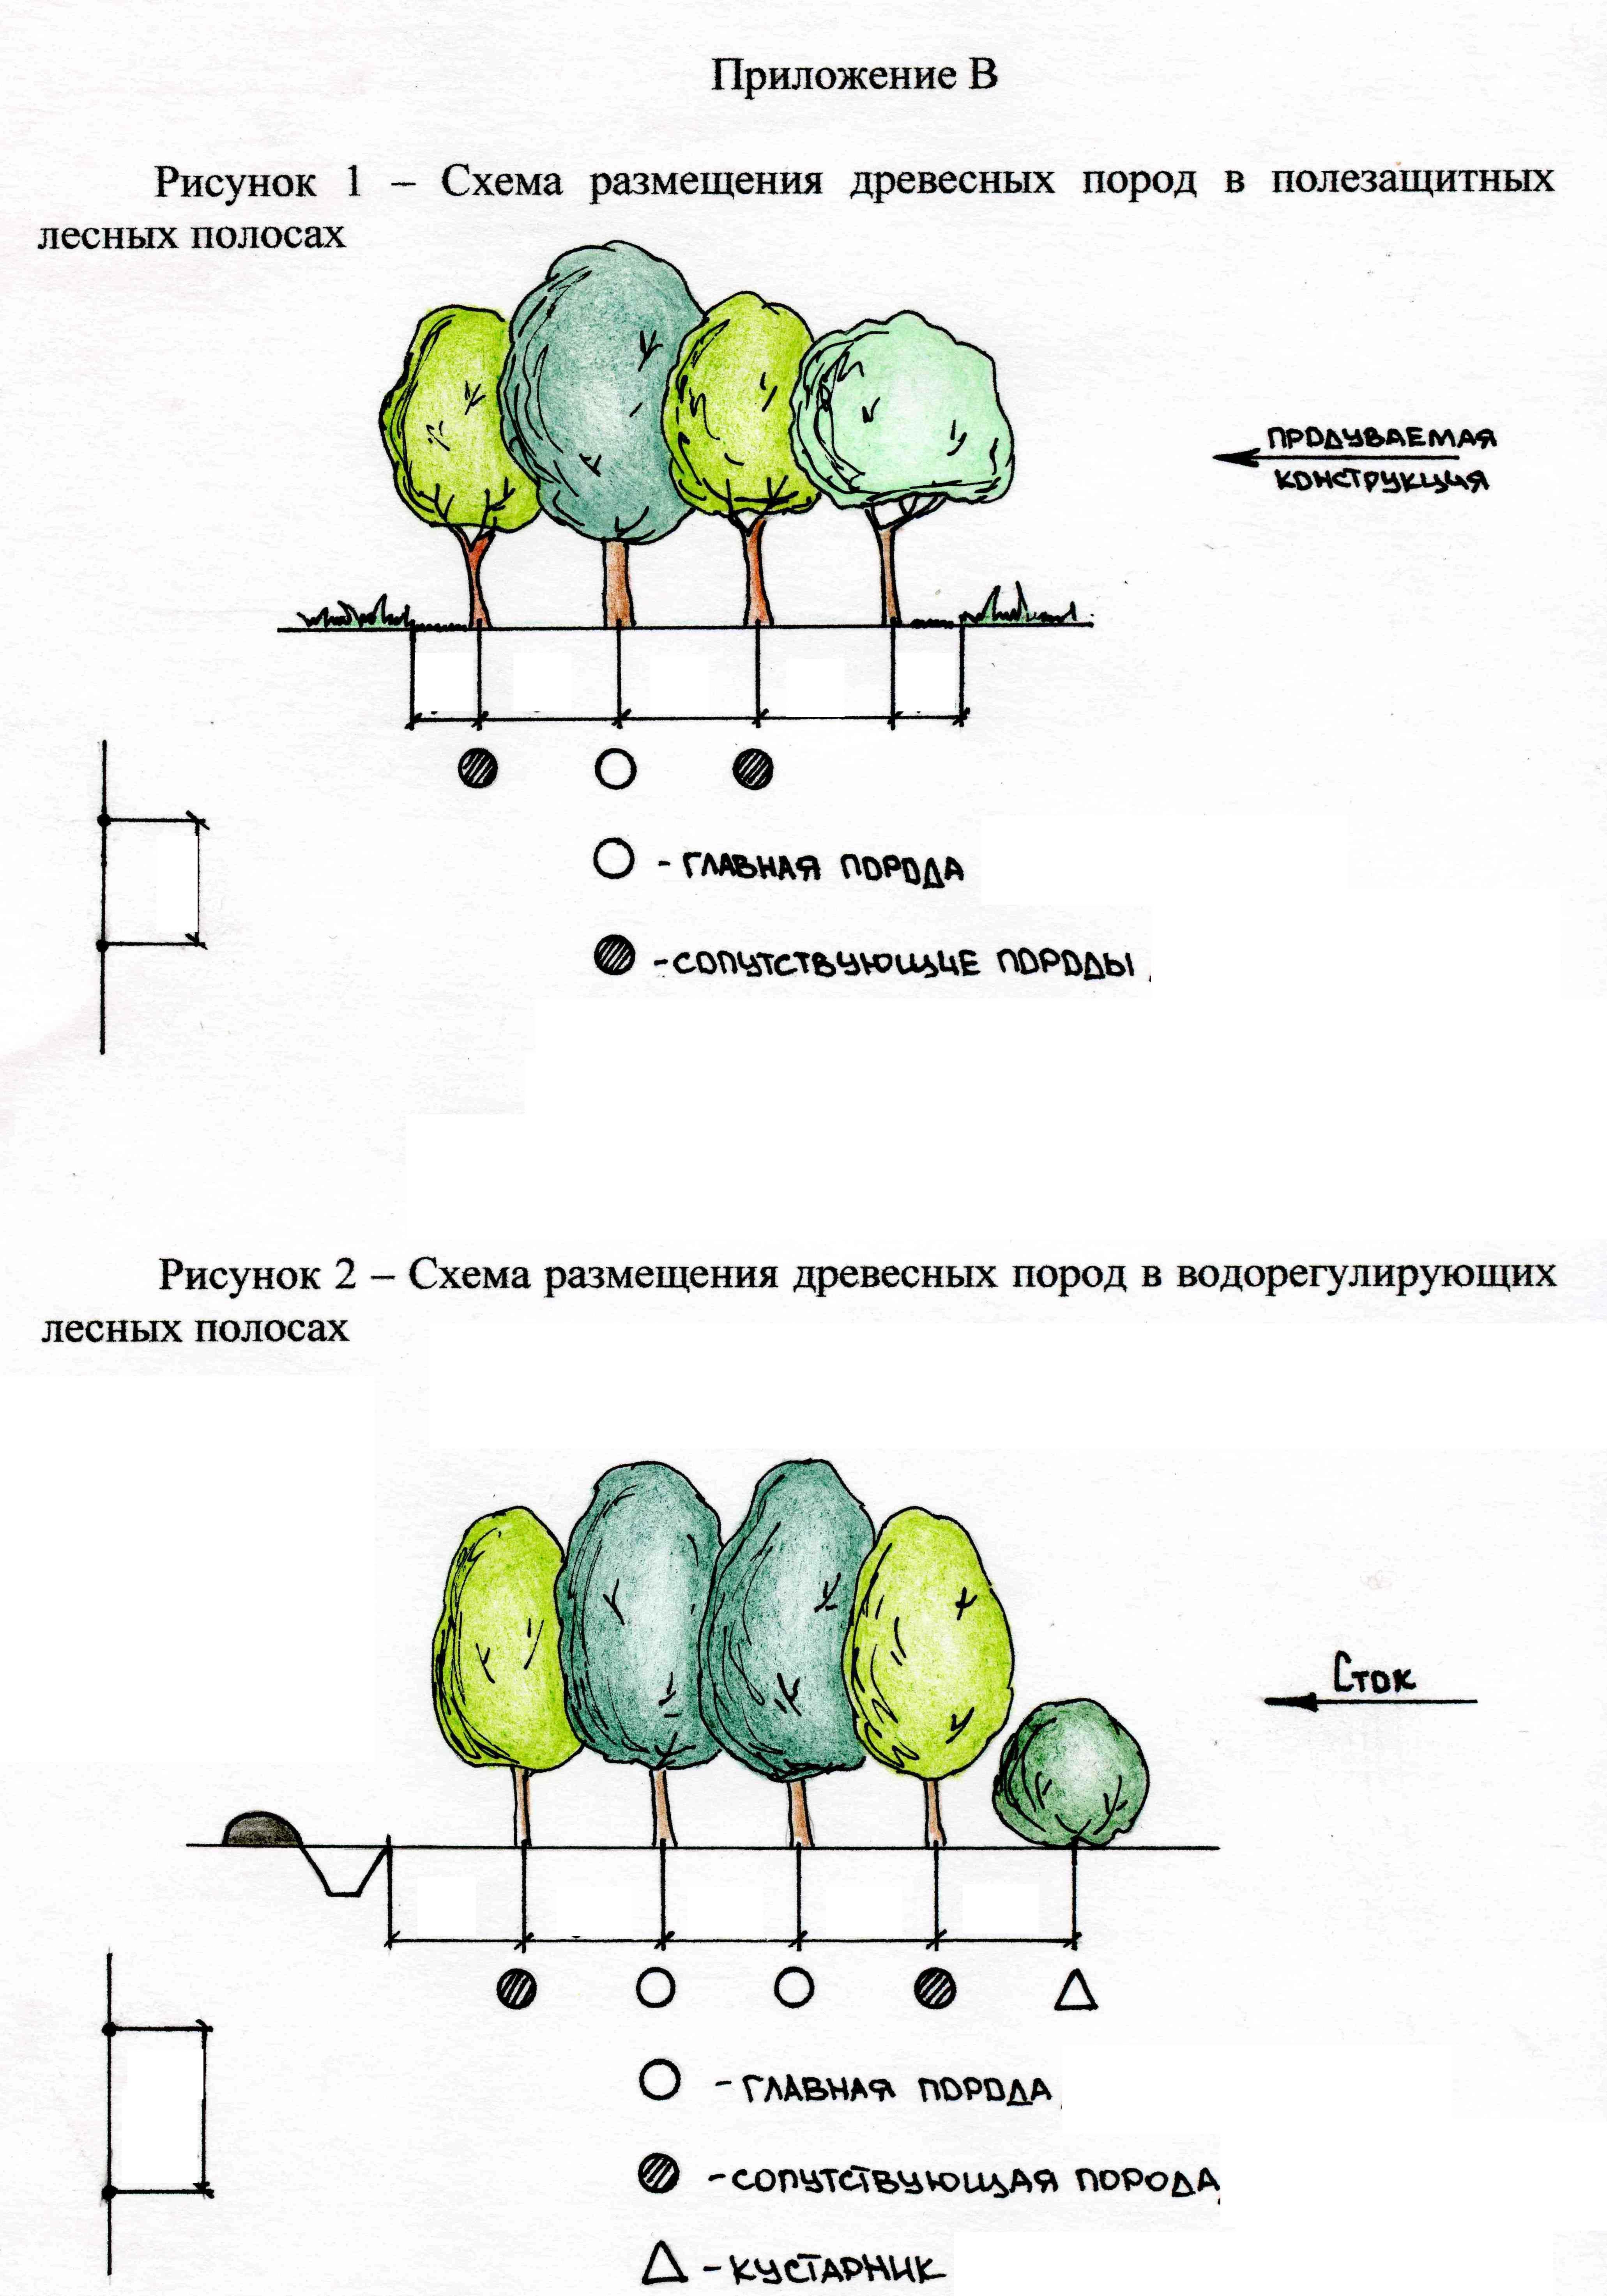 Схема полезащитной пятирядной лесной полосы